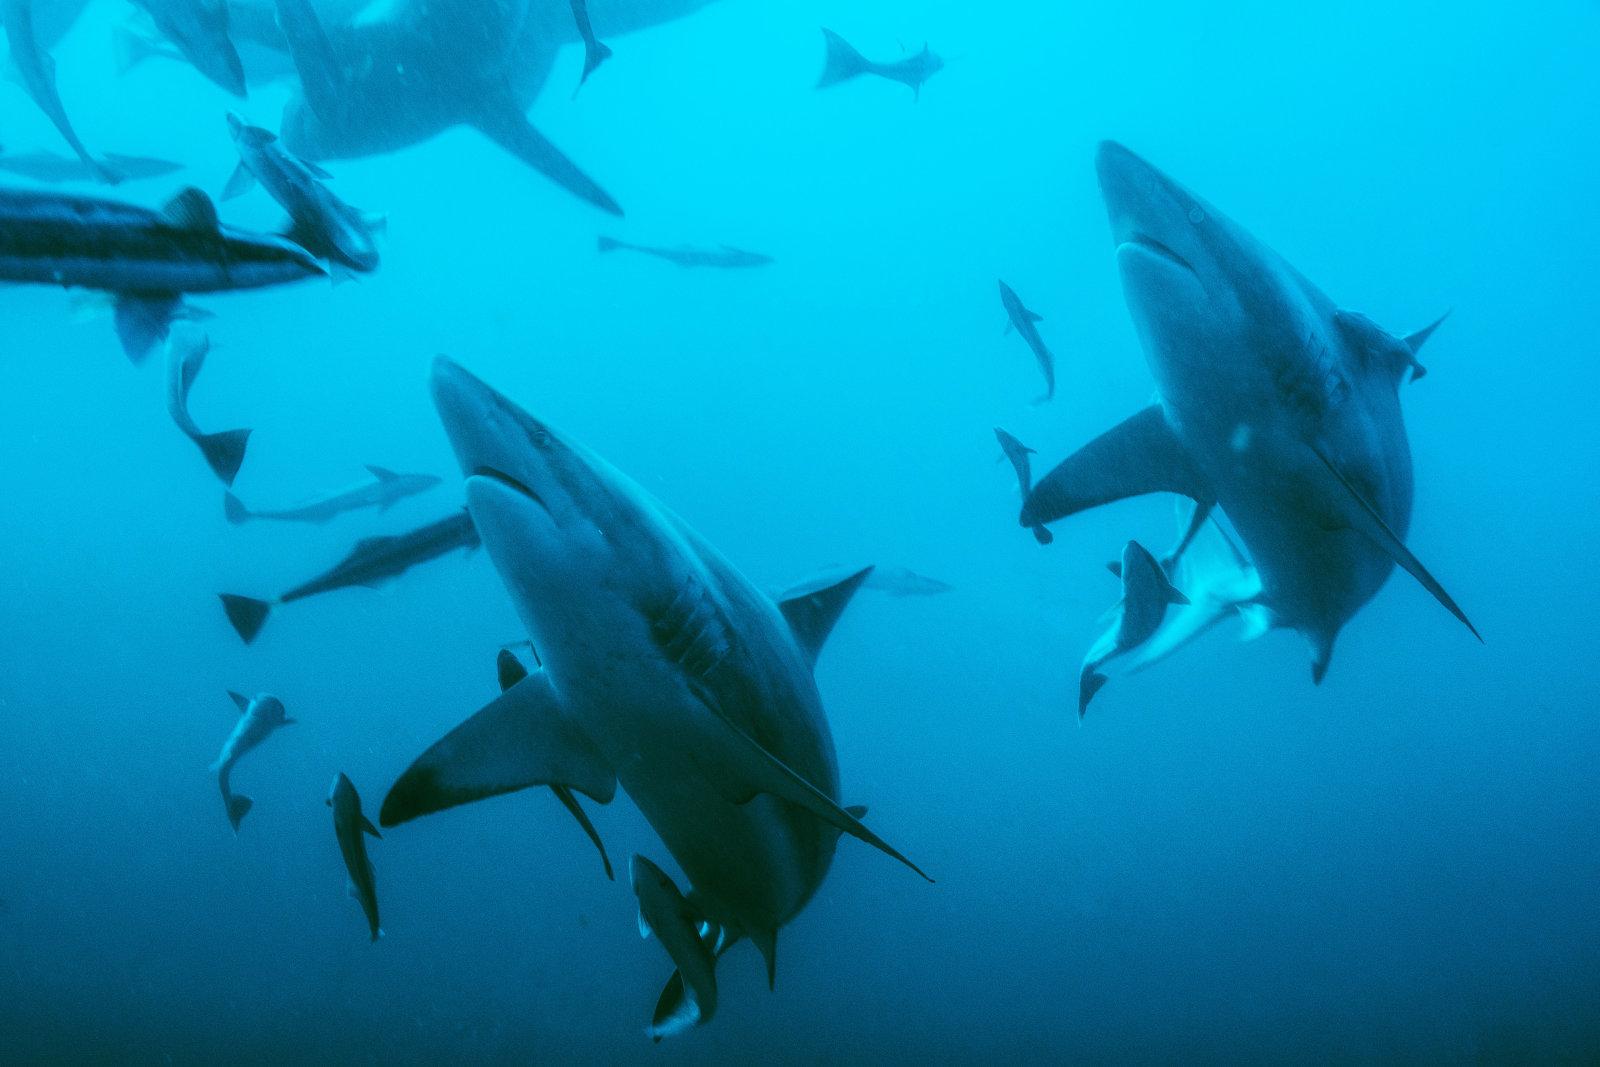 تغییرات آب و هوایی چه تاثیری روی سطح اکسیژن اقیانوسها داشتهاند؟